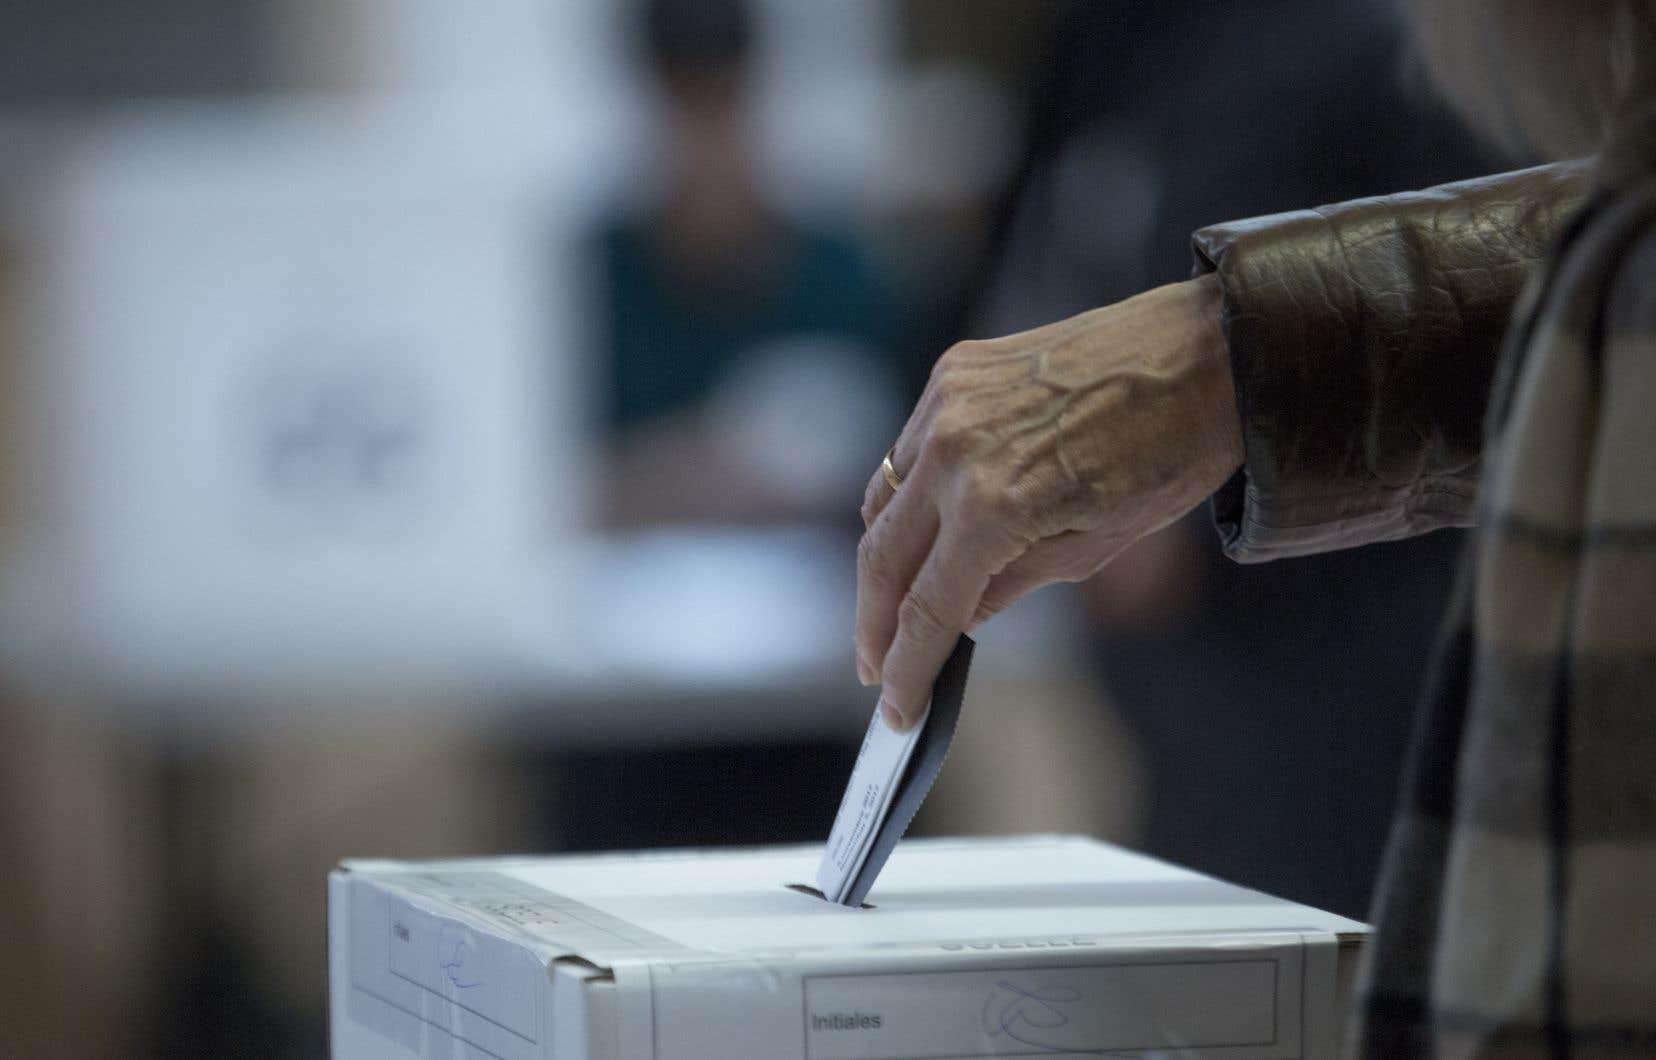 La période électorale s'échelonne, au plus tard, du 30août au 1eroctobre — jour du scrutin. Seules les dépenses effectuées dans cette plage de temps sont réglementées.